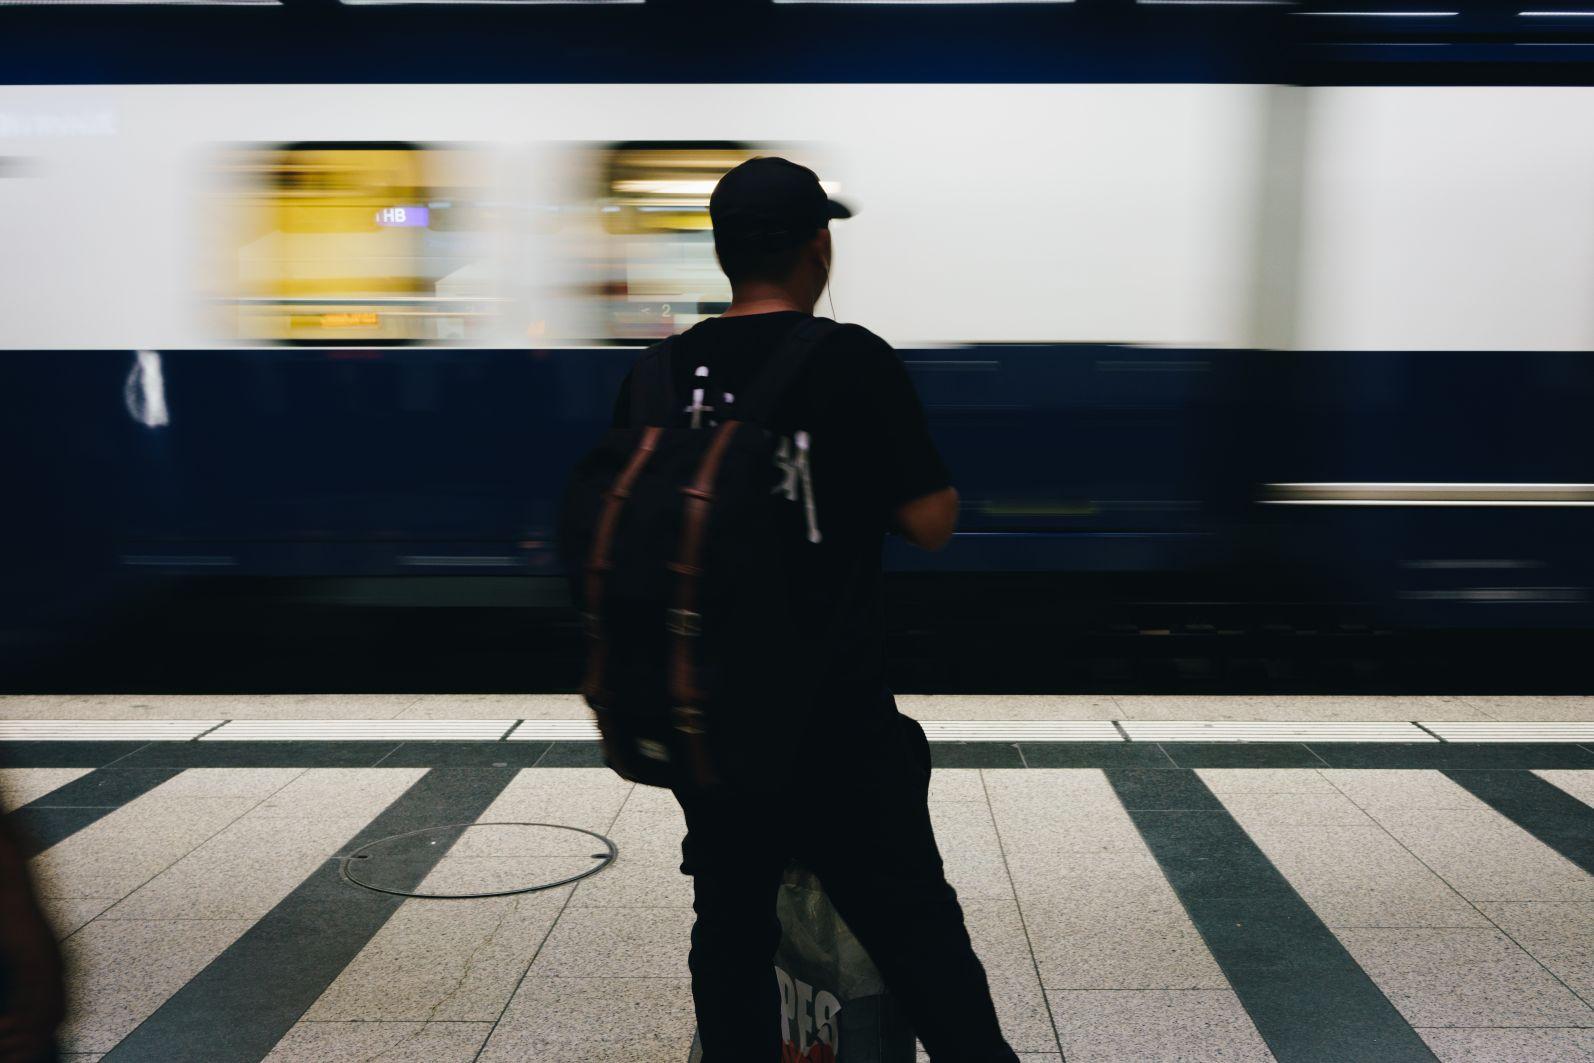 man-waiting-for-subway